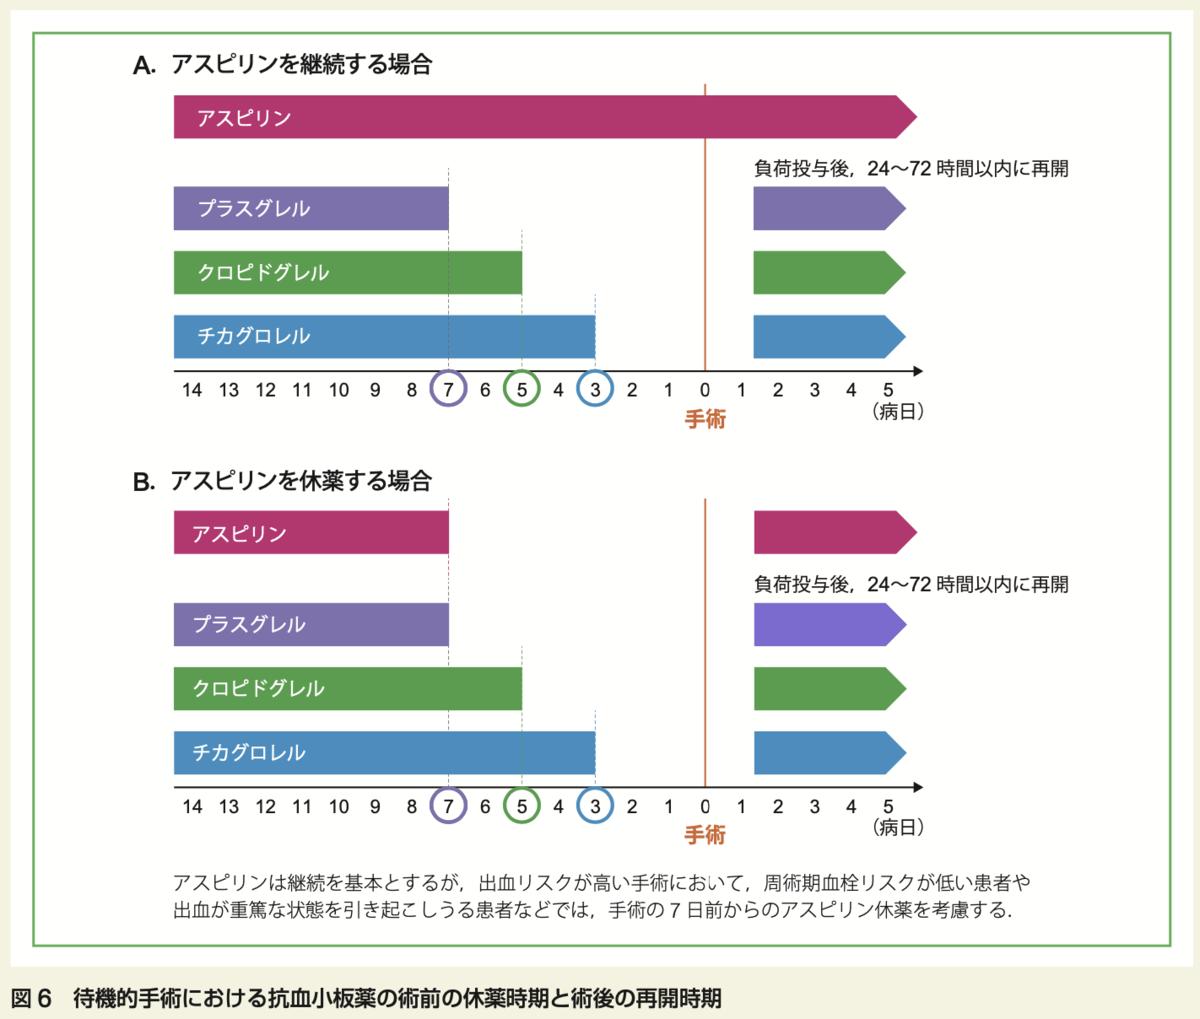 f:id:tsunepi:20210505185852p:plain